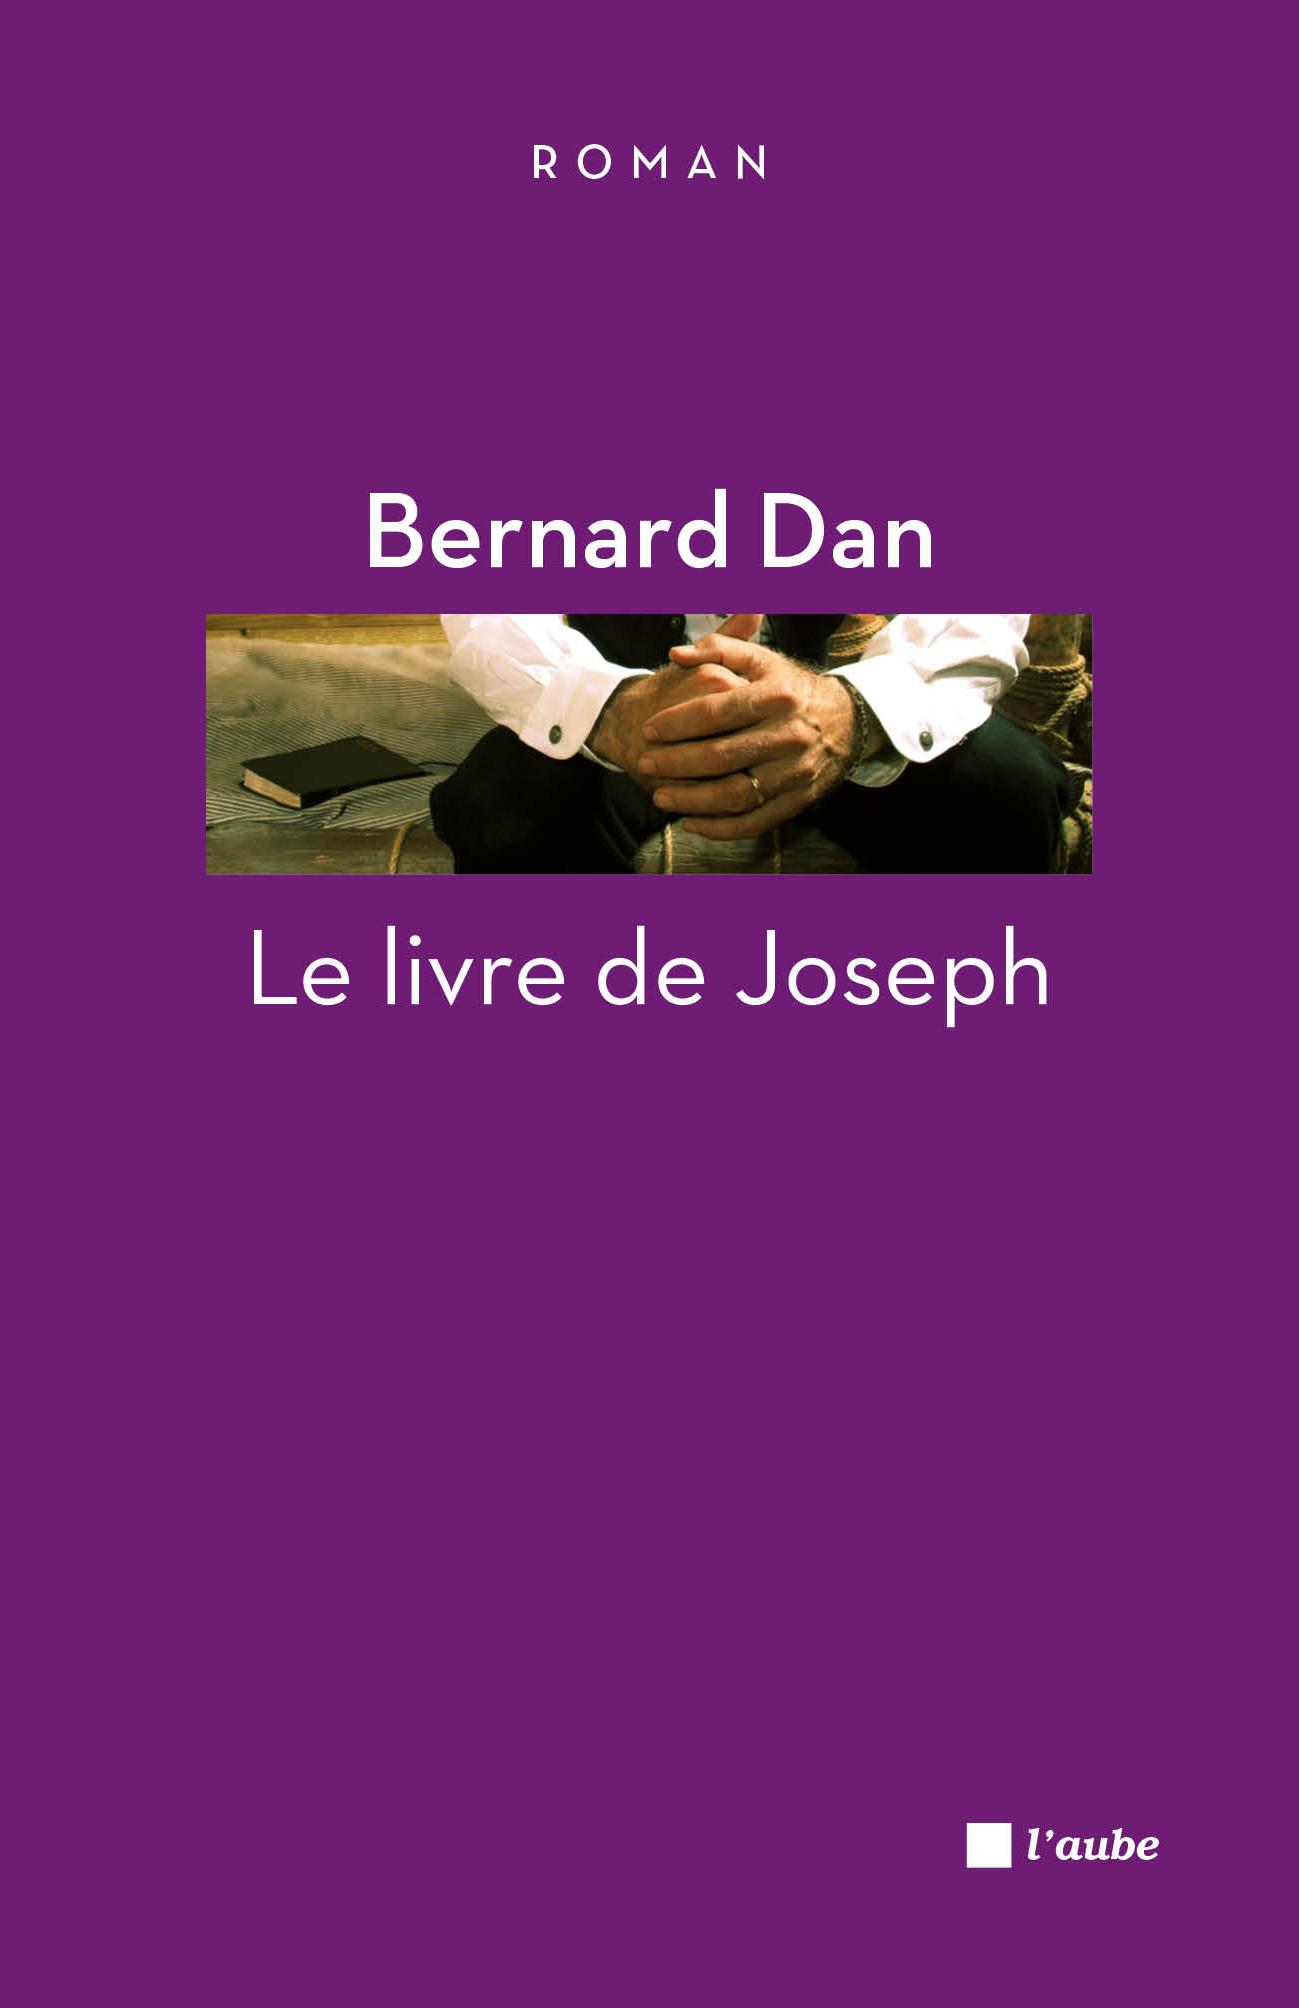 Le livre de Joseph